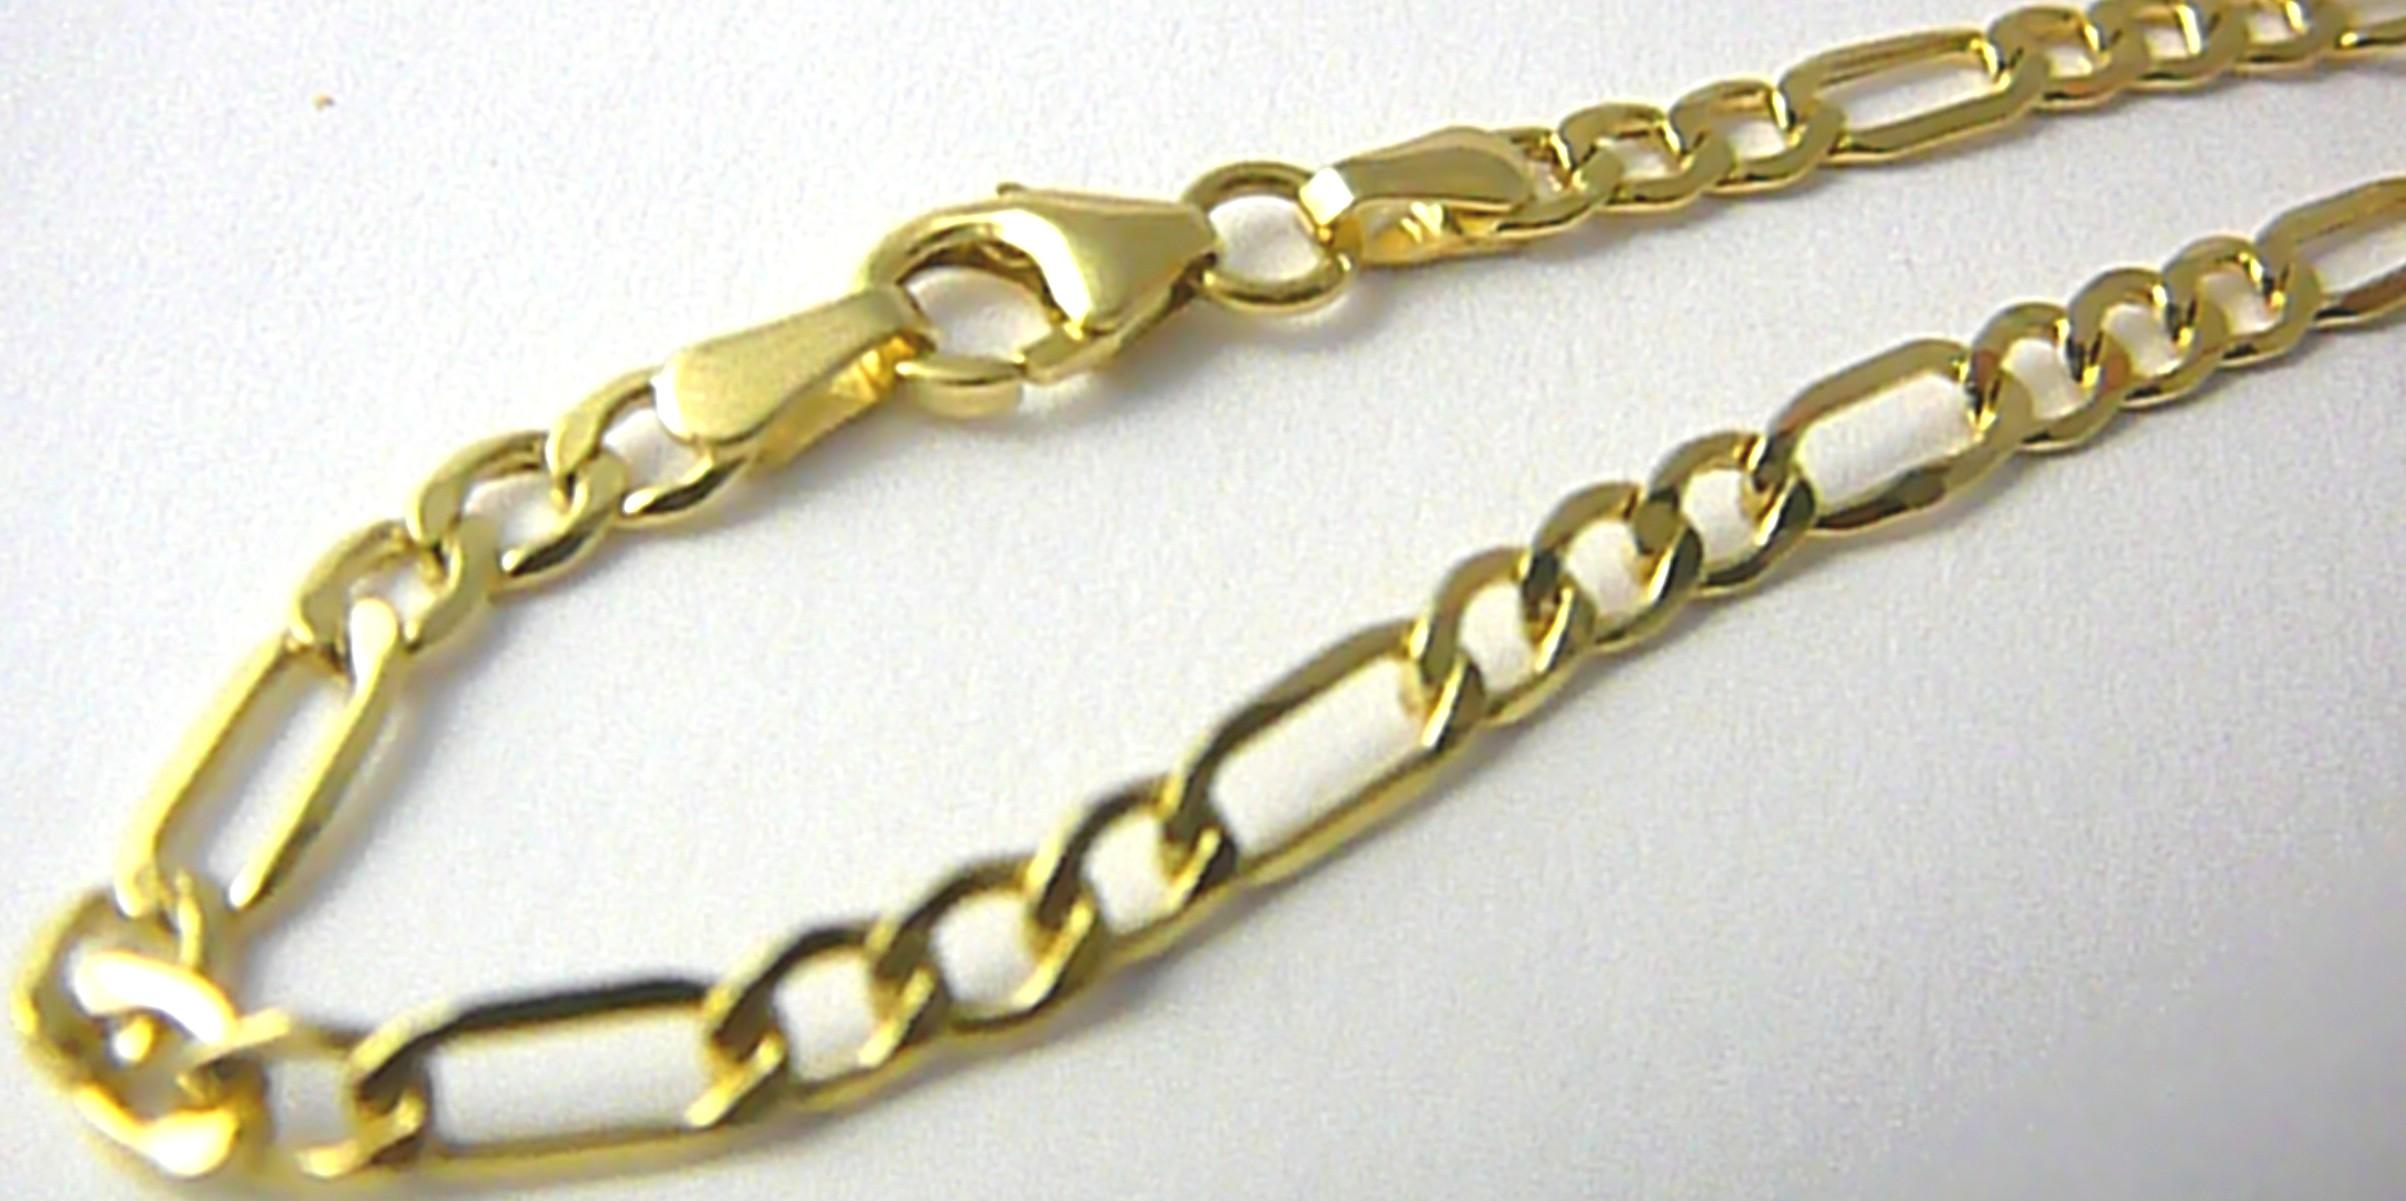 Mohutný zlatý pánský náramek FIGARO 21,5cm 585/1,78gr H638 POŠTOVNÉ ZDARMA!! (POŠTOVNÉ ZDARMA)